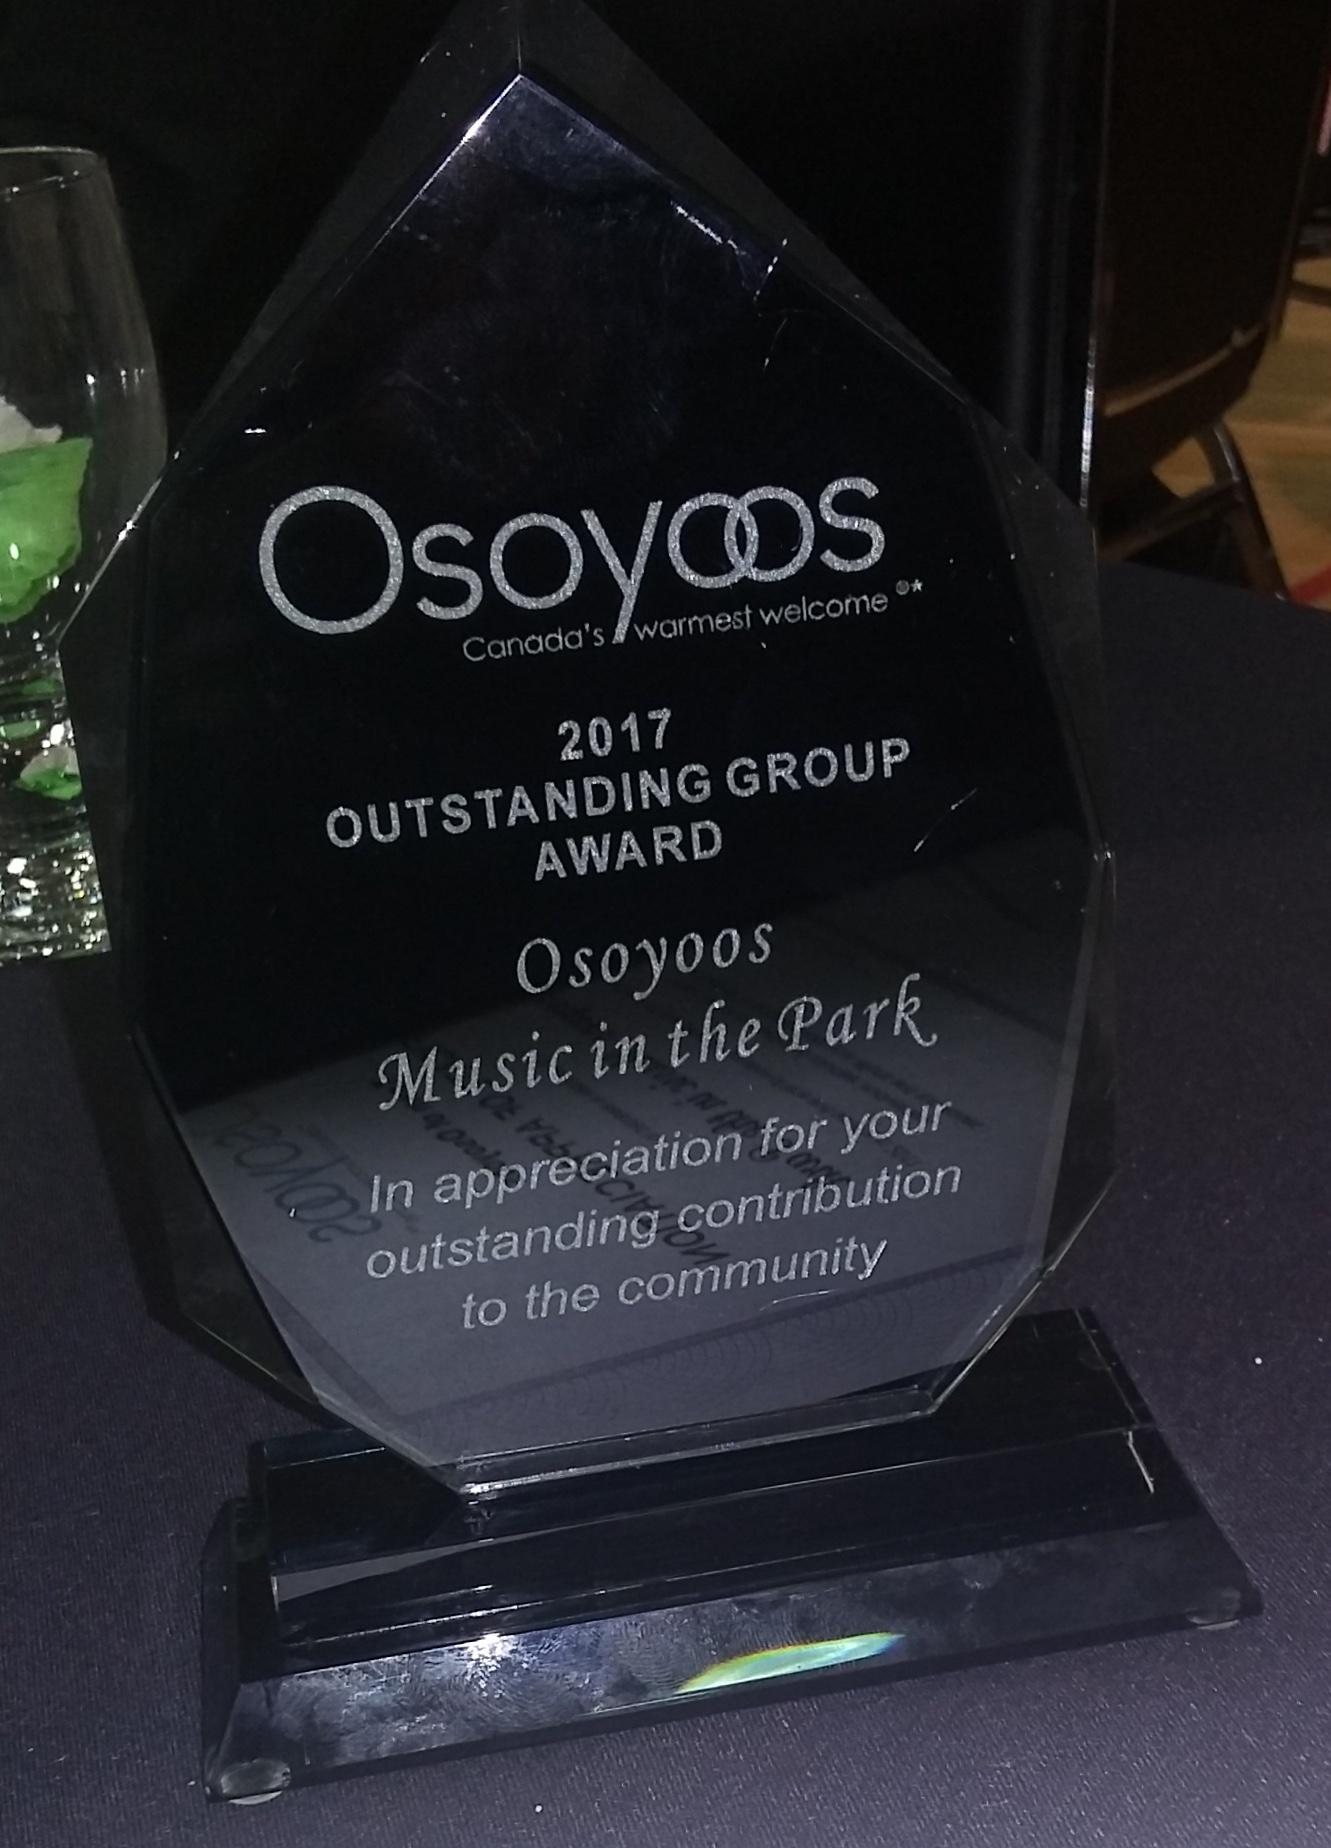 mip award